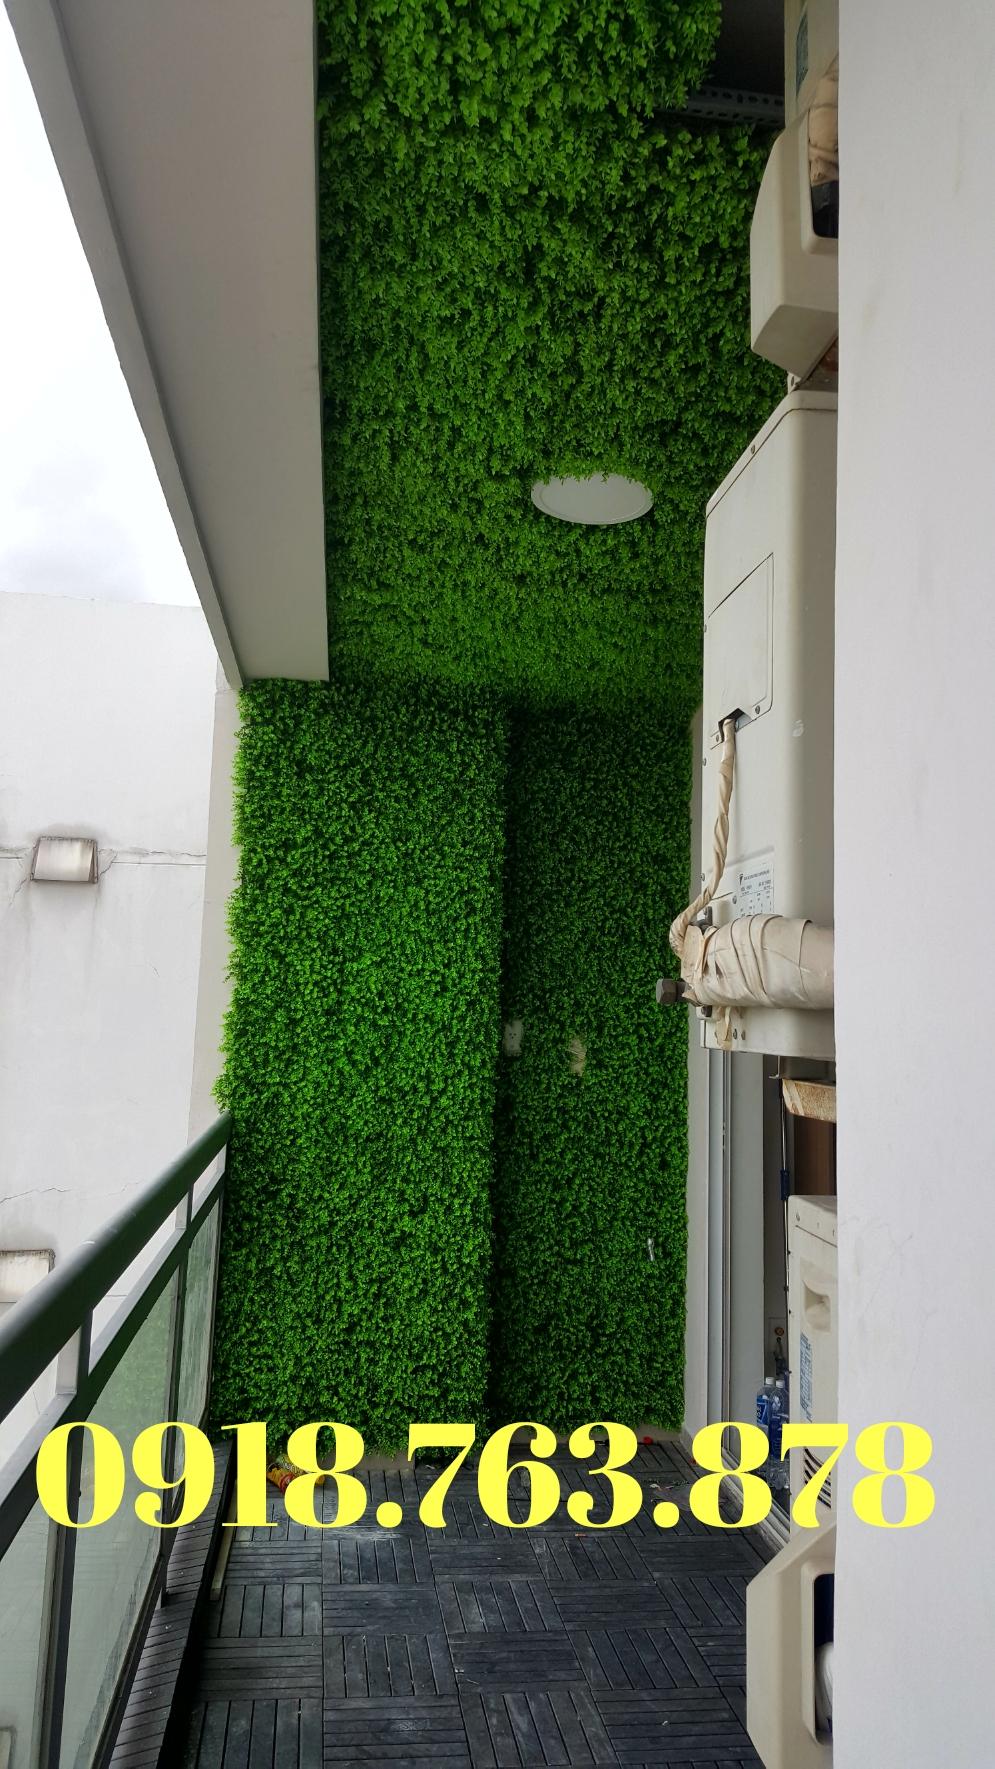 Công ty thi công tường cây giả, tường cỏ giả tại quận 9